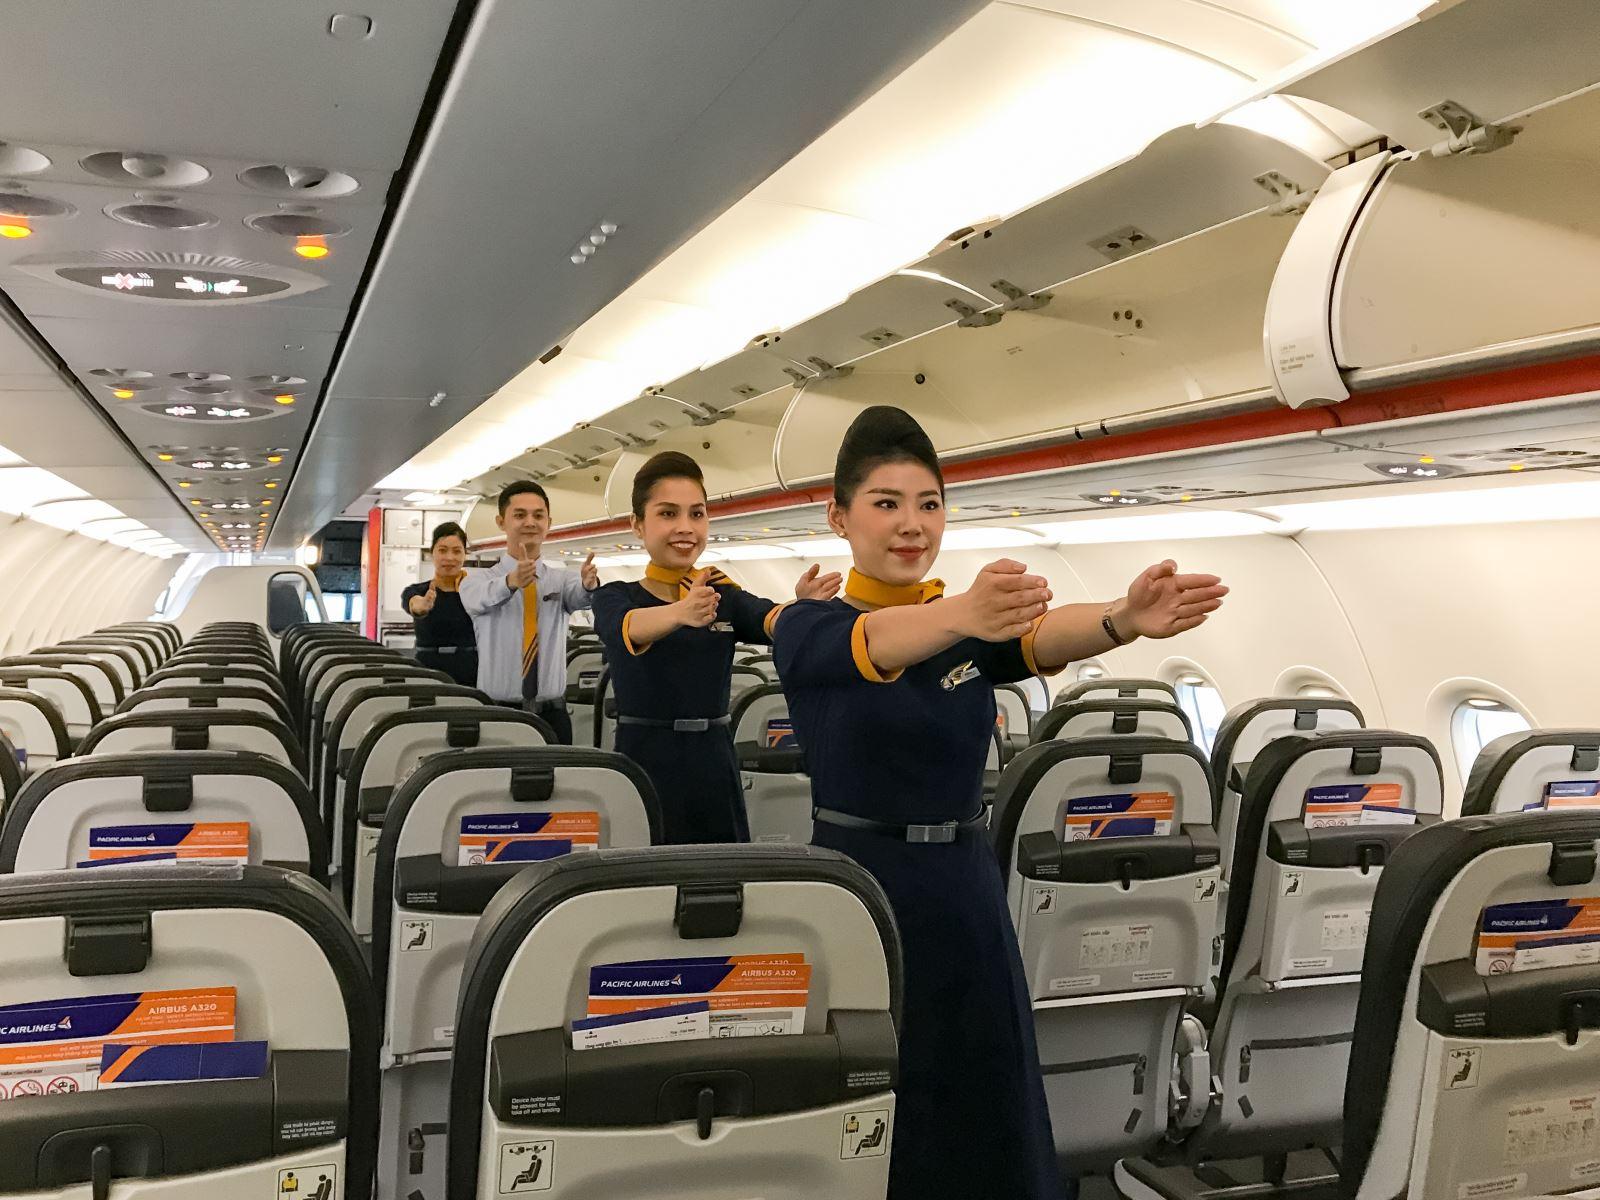 Hạng Phổ thông tiêu chuẩn Pacific Airlines